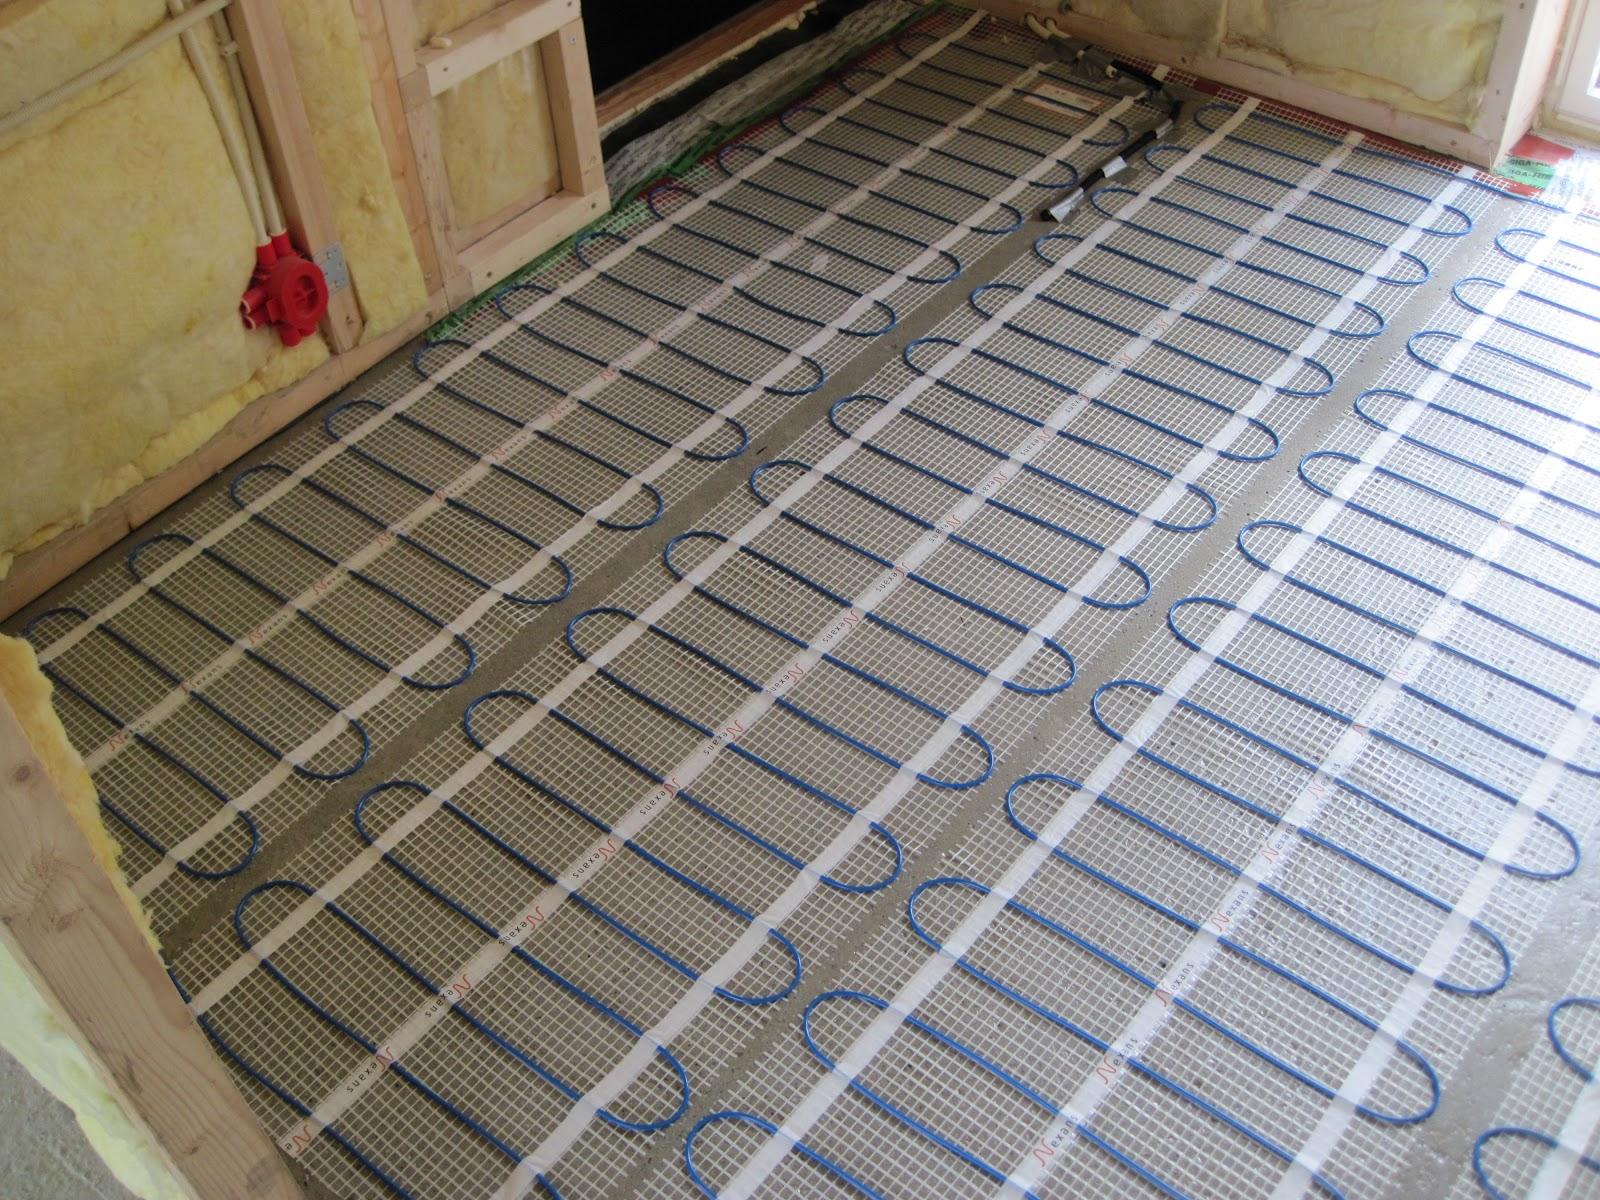 Varmekabler under gulvbelegg